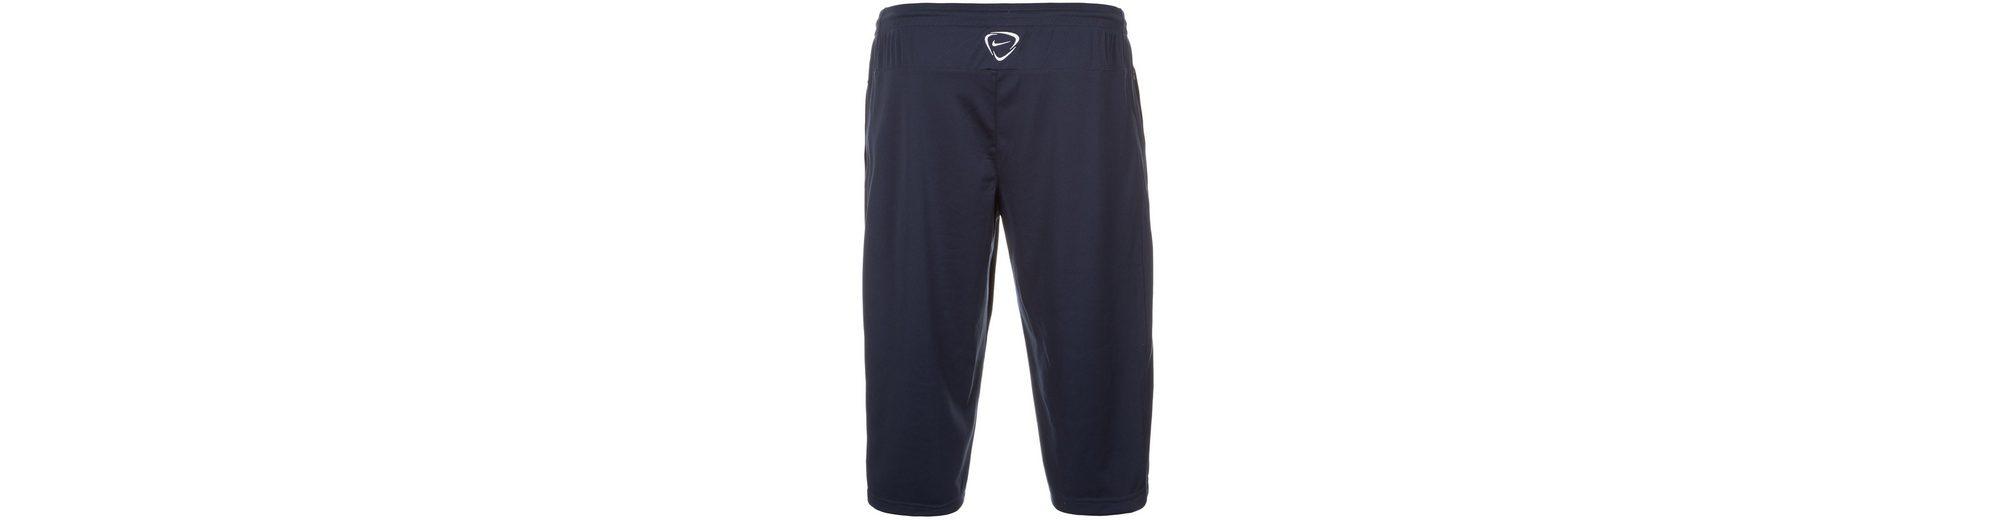 Billige Bilder Footlocker Günstiger Preis Nike Libero 3/4 Knit Short Herren Größte Anbieter Günstiger Preis PWtnhWvlQo